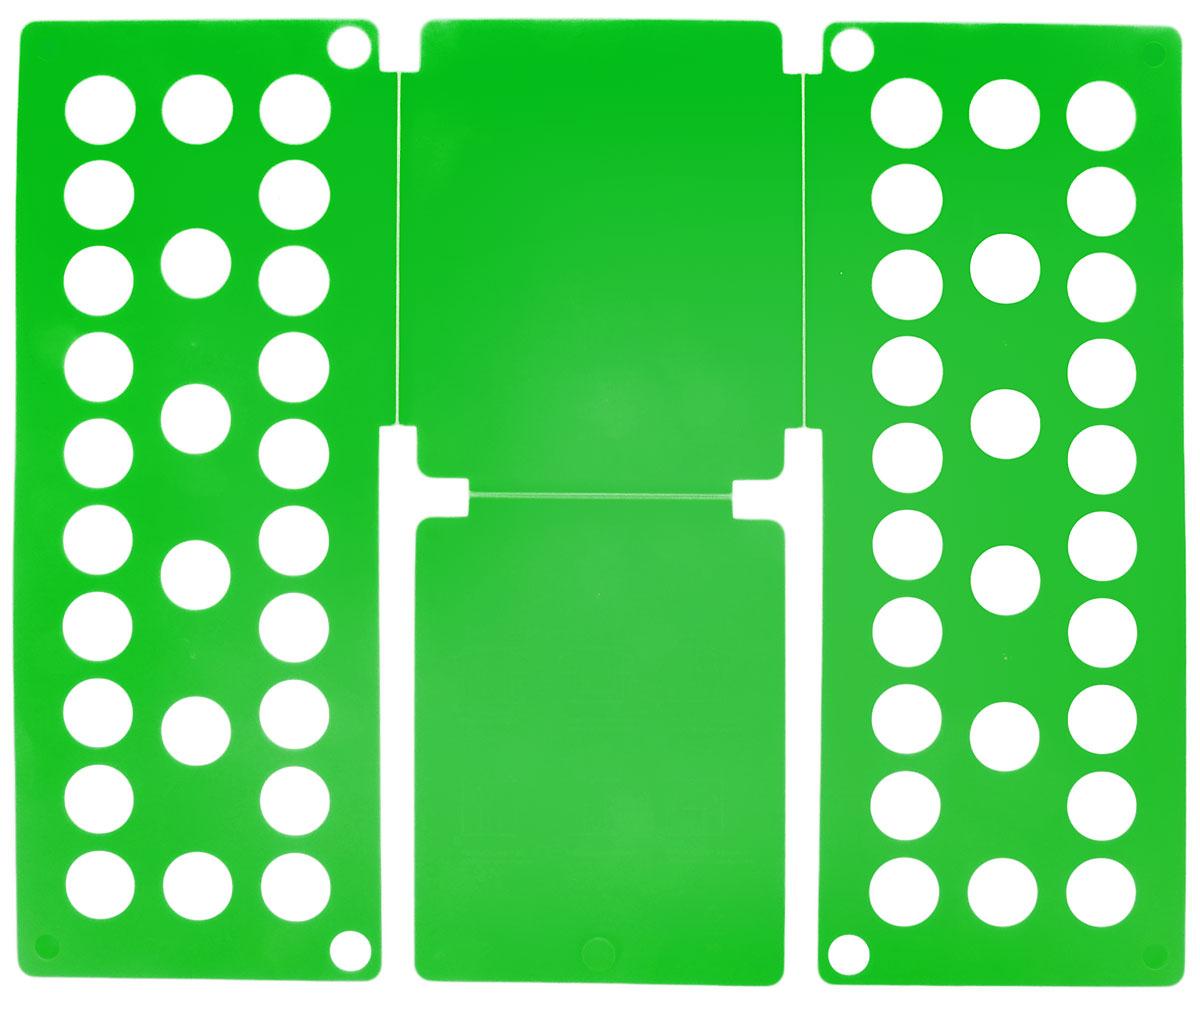 Приспособление для складывания детской одежды Sima-land, цвет: зеленый1411846_зеленыйПриспособление для складывания одежды Sima-land поможет навести порядок в вашем шкафу. С ним вы сможете быстро и аккуратно сложить вещи. Приспособление подходит для складывания полотенец, рубашек поло, вещей с короткими и длинными рукавами, футболок, штанов. Не подойдет для больших размеров одежды. Приспособление выполнено из качественного прочного пластика. Изделие компактно складывается и не занимает много места при хранении.Размер в сложенном виде: 40 х 16 см.Размер в разложенном виде: 48 х 40 см.